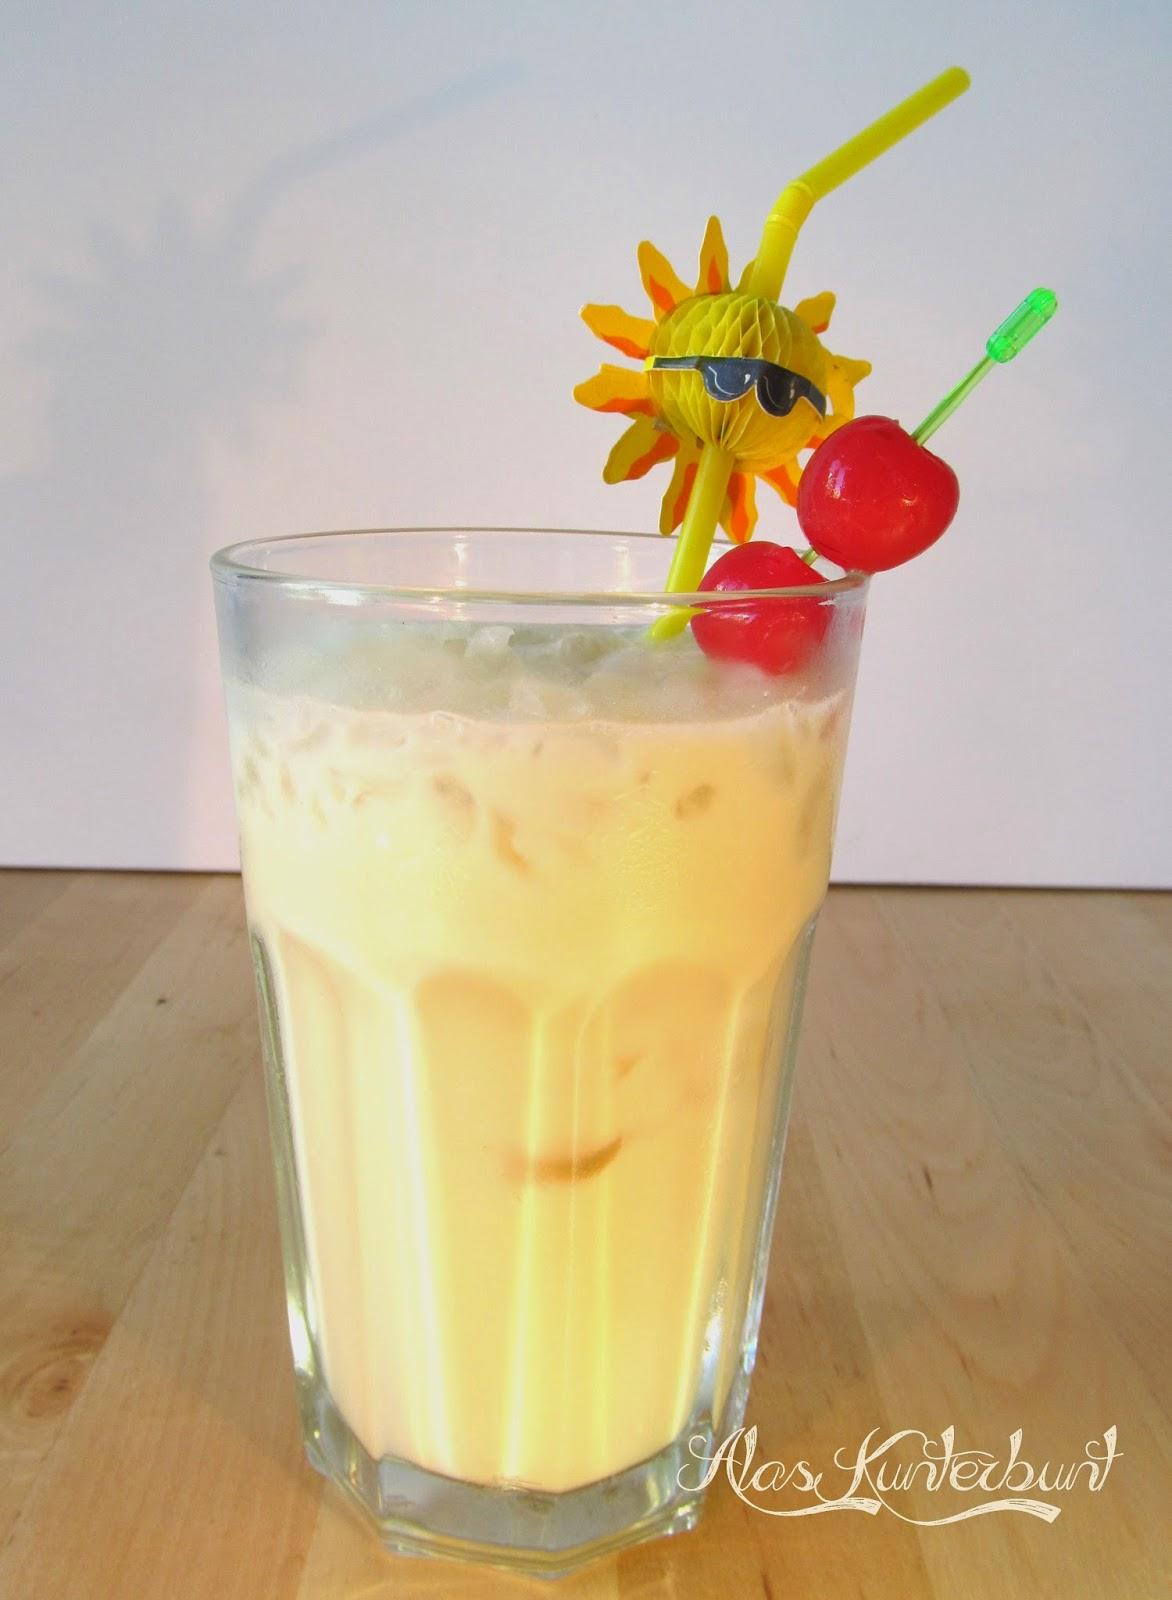 Pina Colada schnell gemixt - ein toller Cocktail für den Sommer | Ala's Kunterbunt